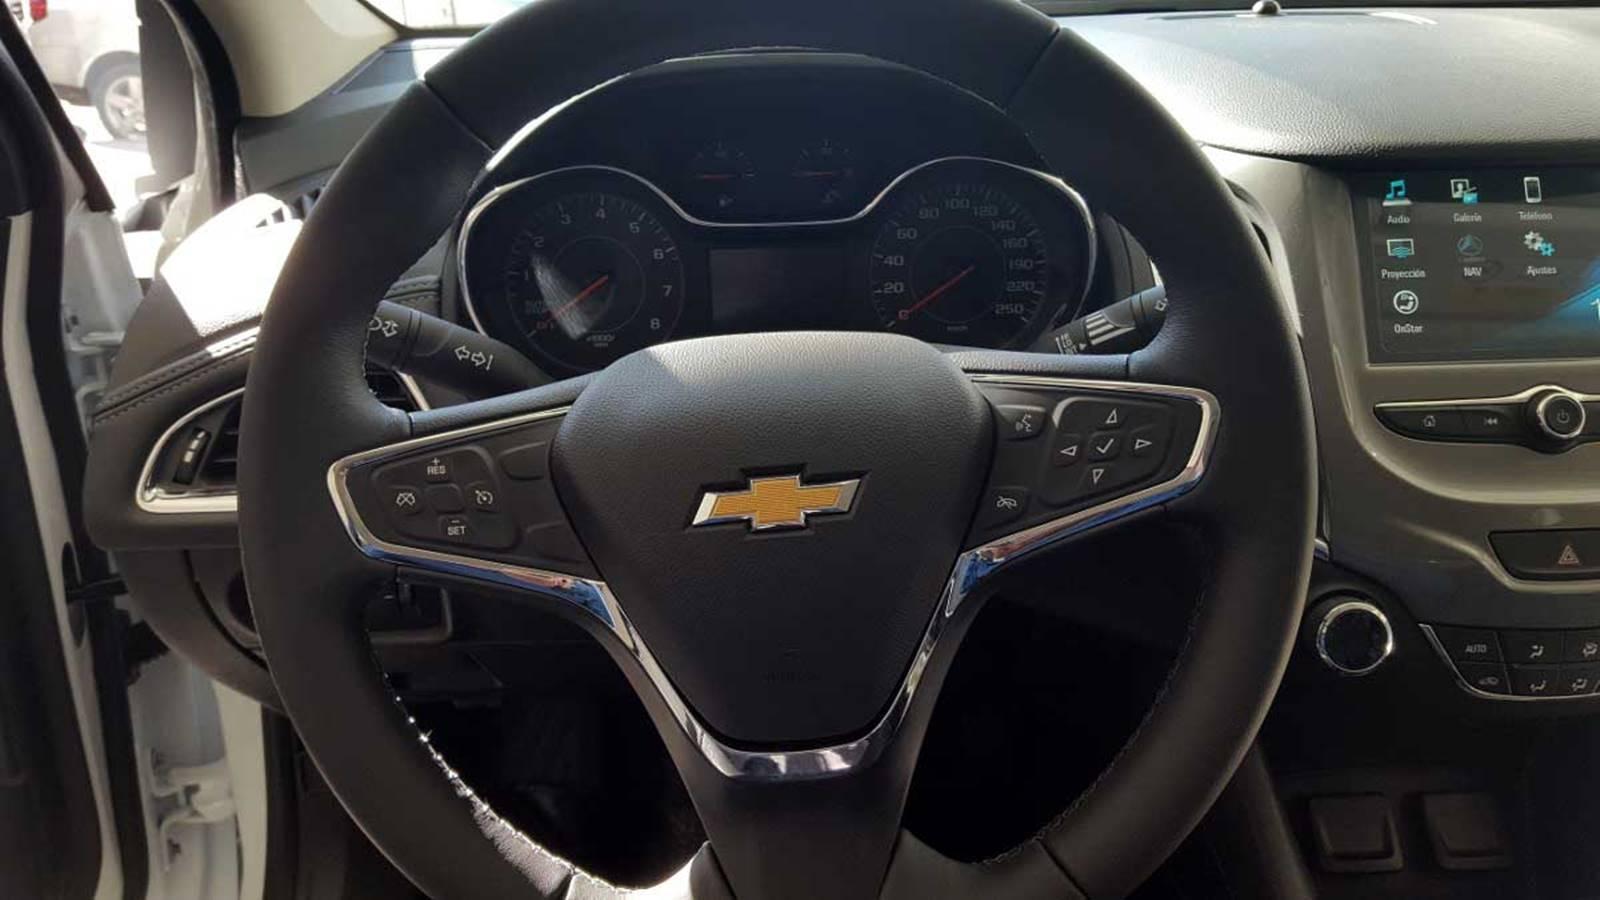 Chevrolet Cruze 2017 Lt Fotos E Detalhes Da Vers O B Sica Car Blog Br